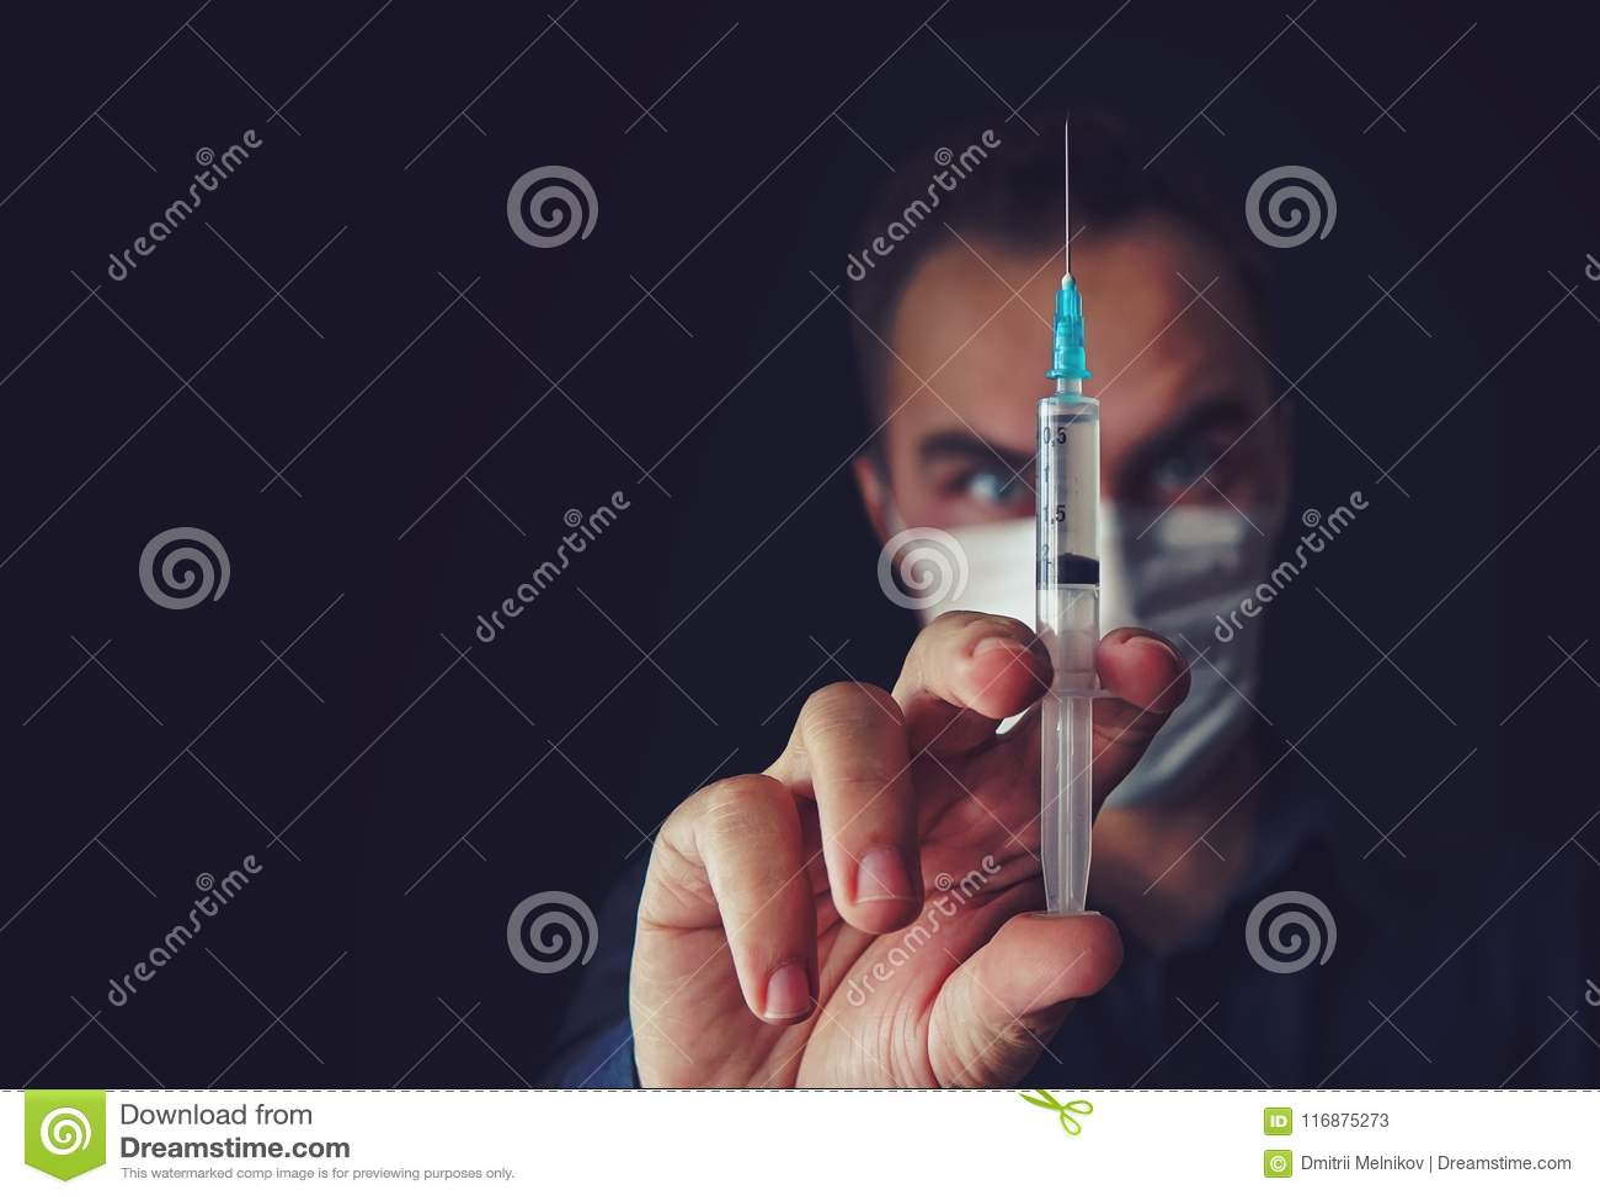 Den ilskna doktorskvinnan i en medicinsk maskering rymmer en injektionsspruta